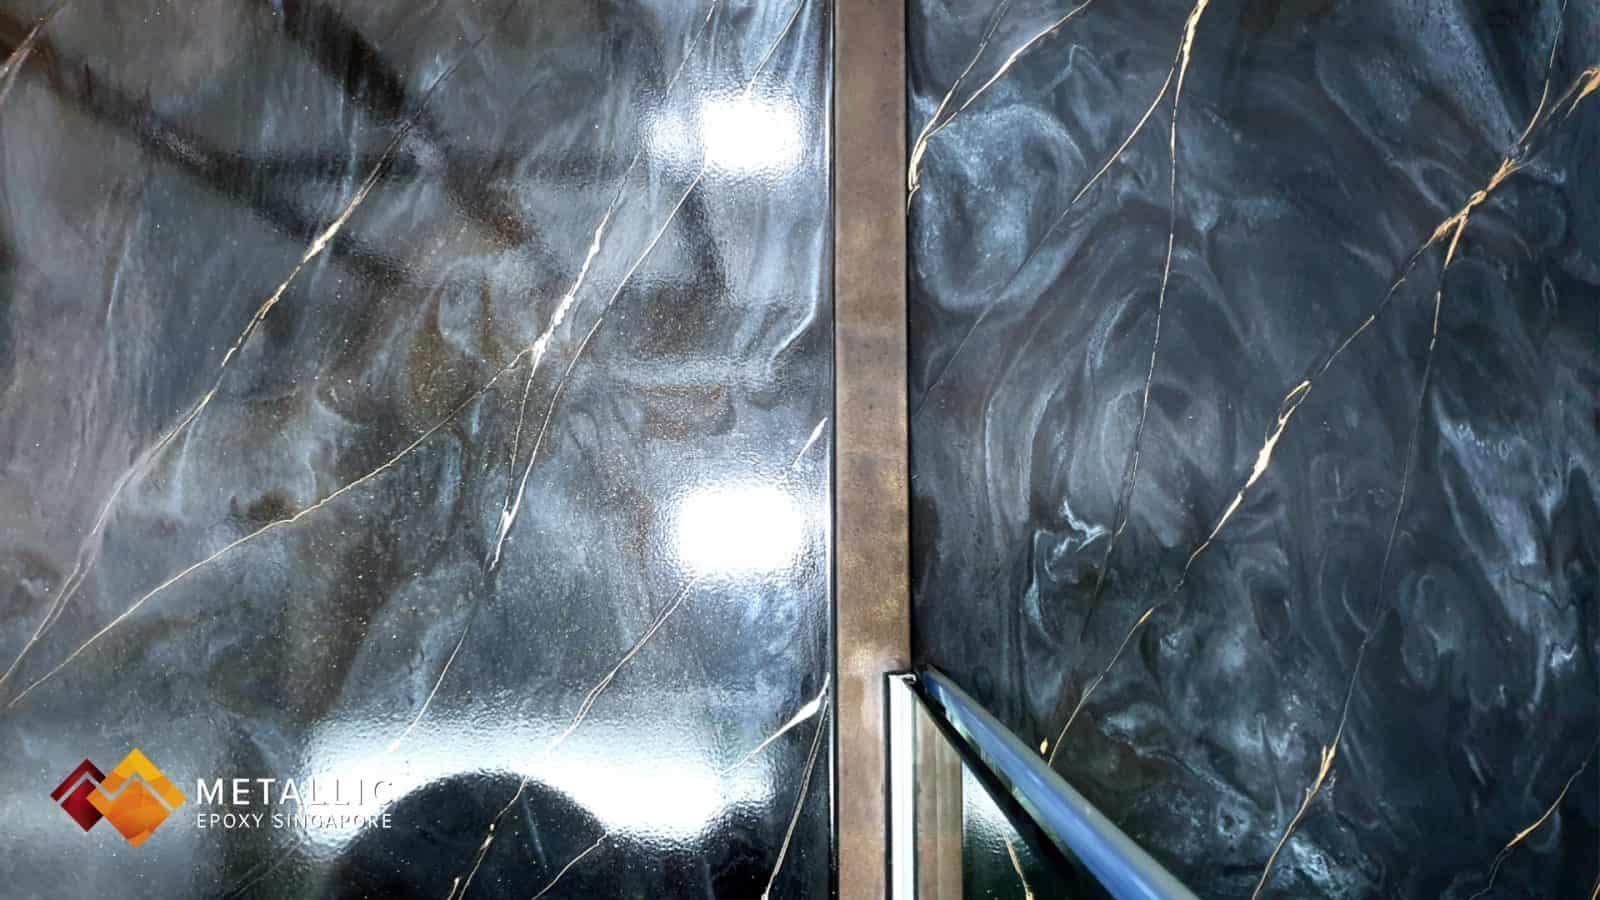 Metallic Epoxy gold coffee marble bathroom walls and floor